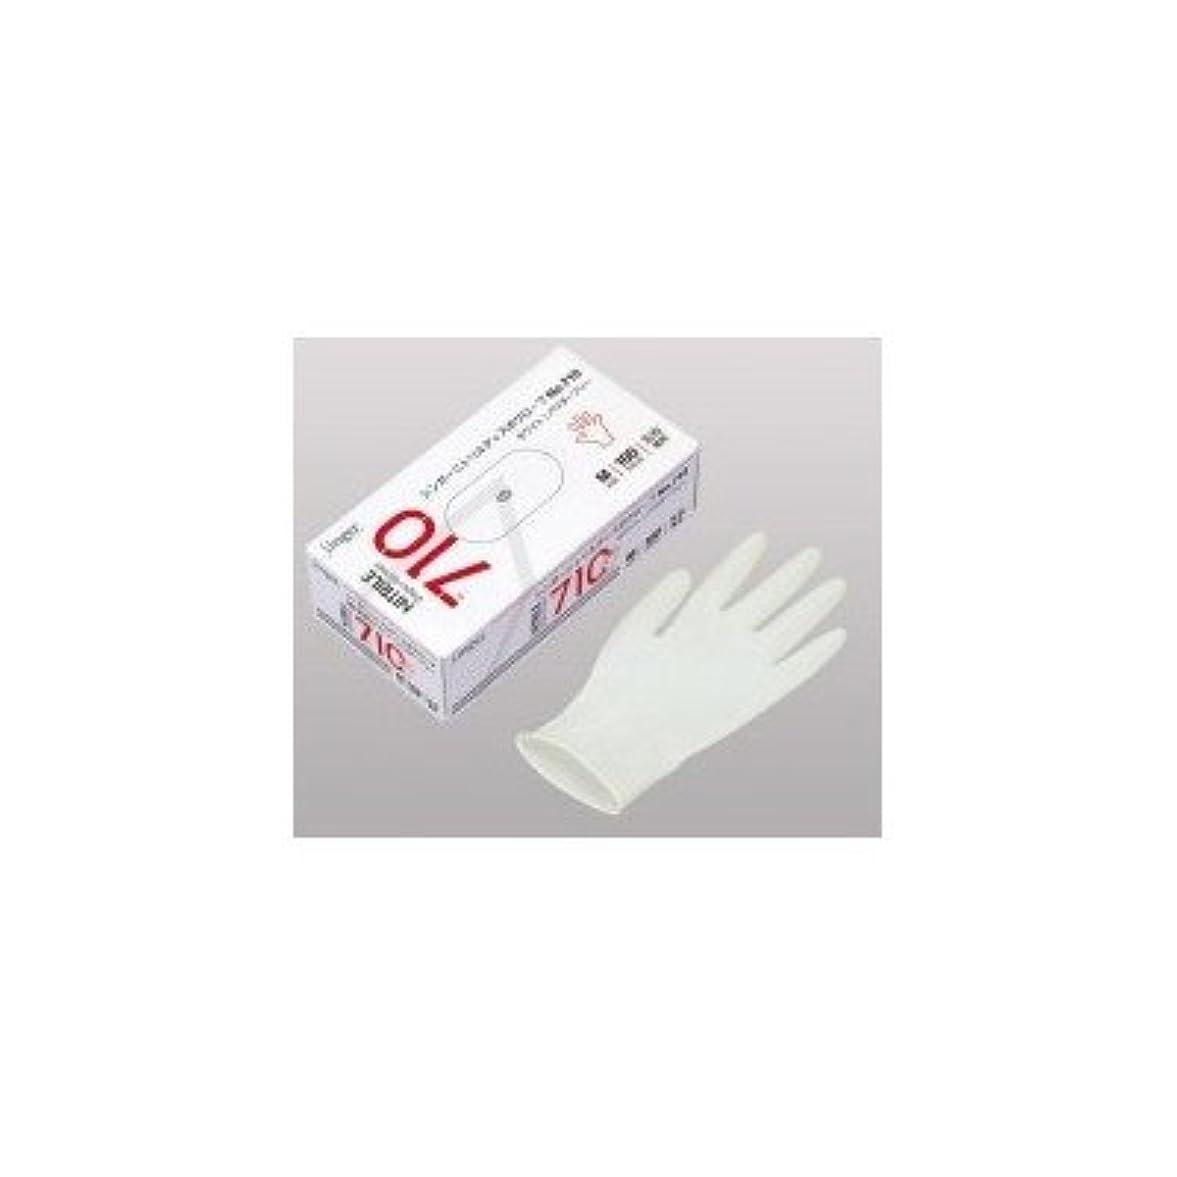 受取人作業ペインシンガー ニトリルディスポグローブ(手袋) No.710 ホワイト パウダーフリー(100枚) L( 画像はイメージ画像です お届けの商品はLのみとなります)